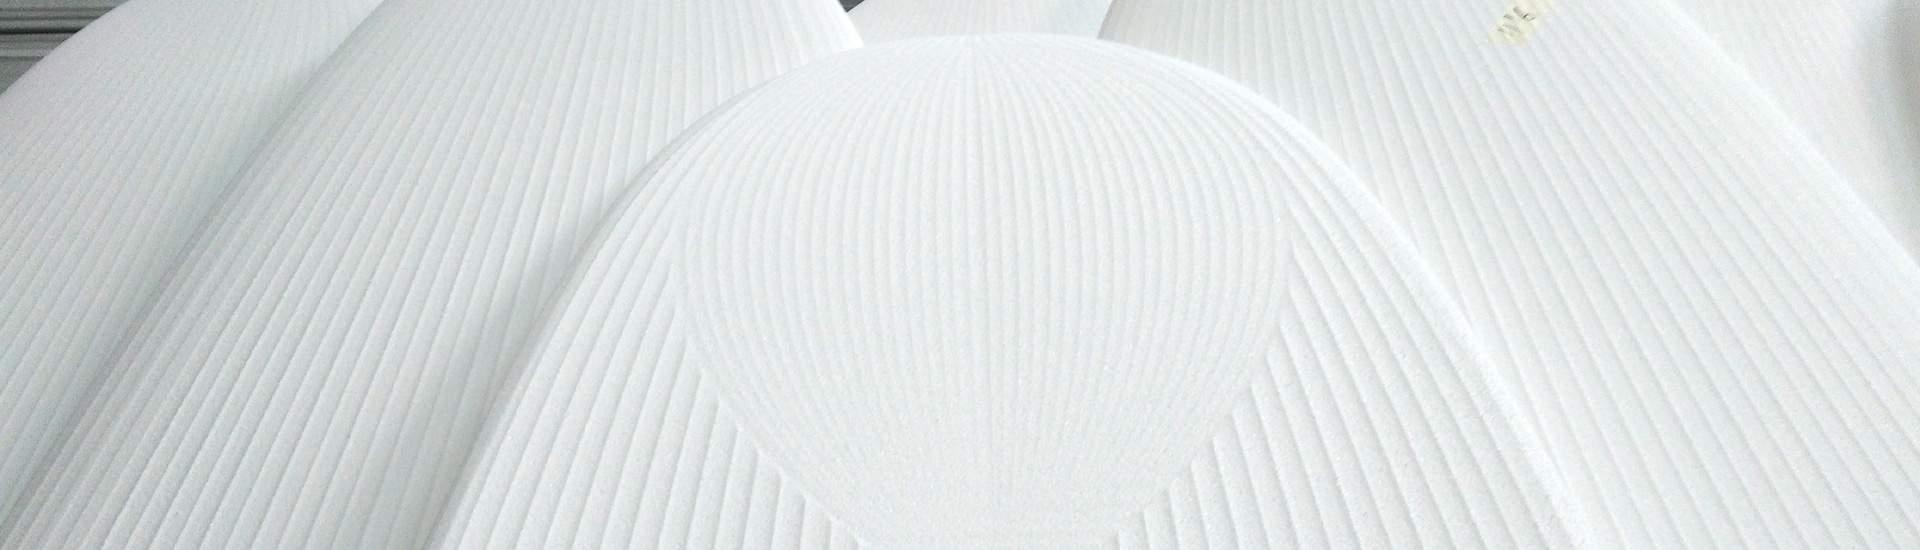 Découpe et pré shape de pain mousse polystyrène pour SUP  jusqu'à 14'6 - fabrication sur mesure ou sur catalogue